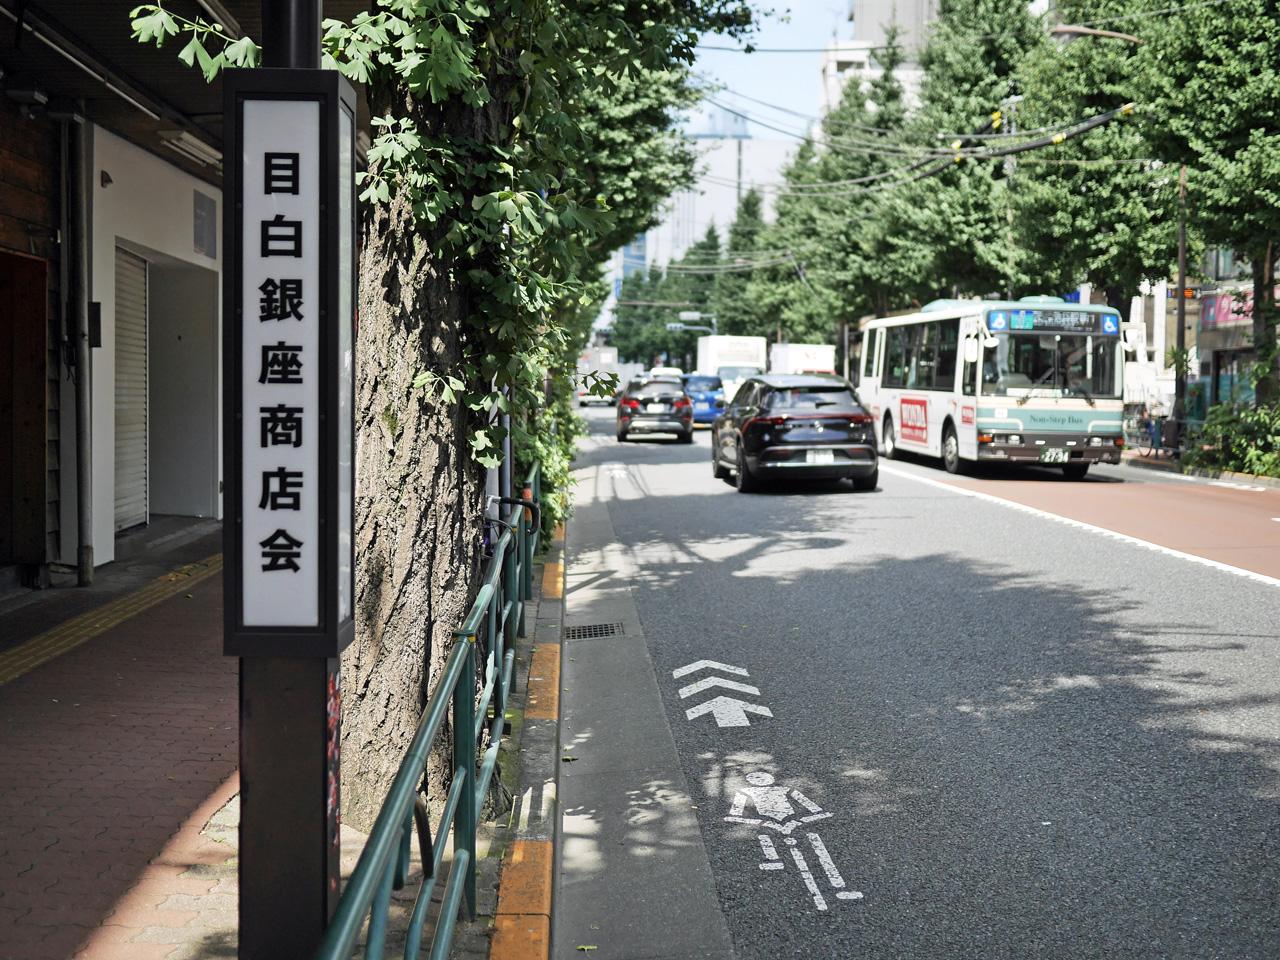 目白通りを西走して椎名町へ向かう